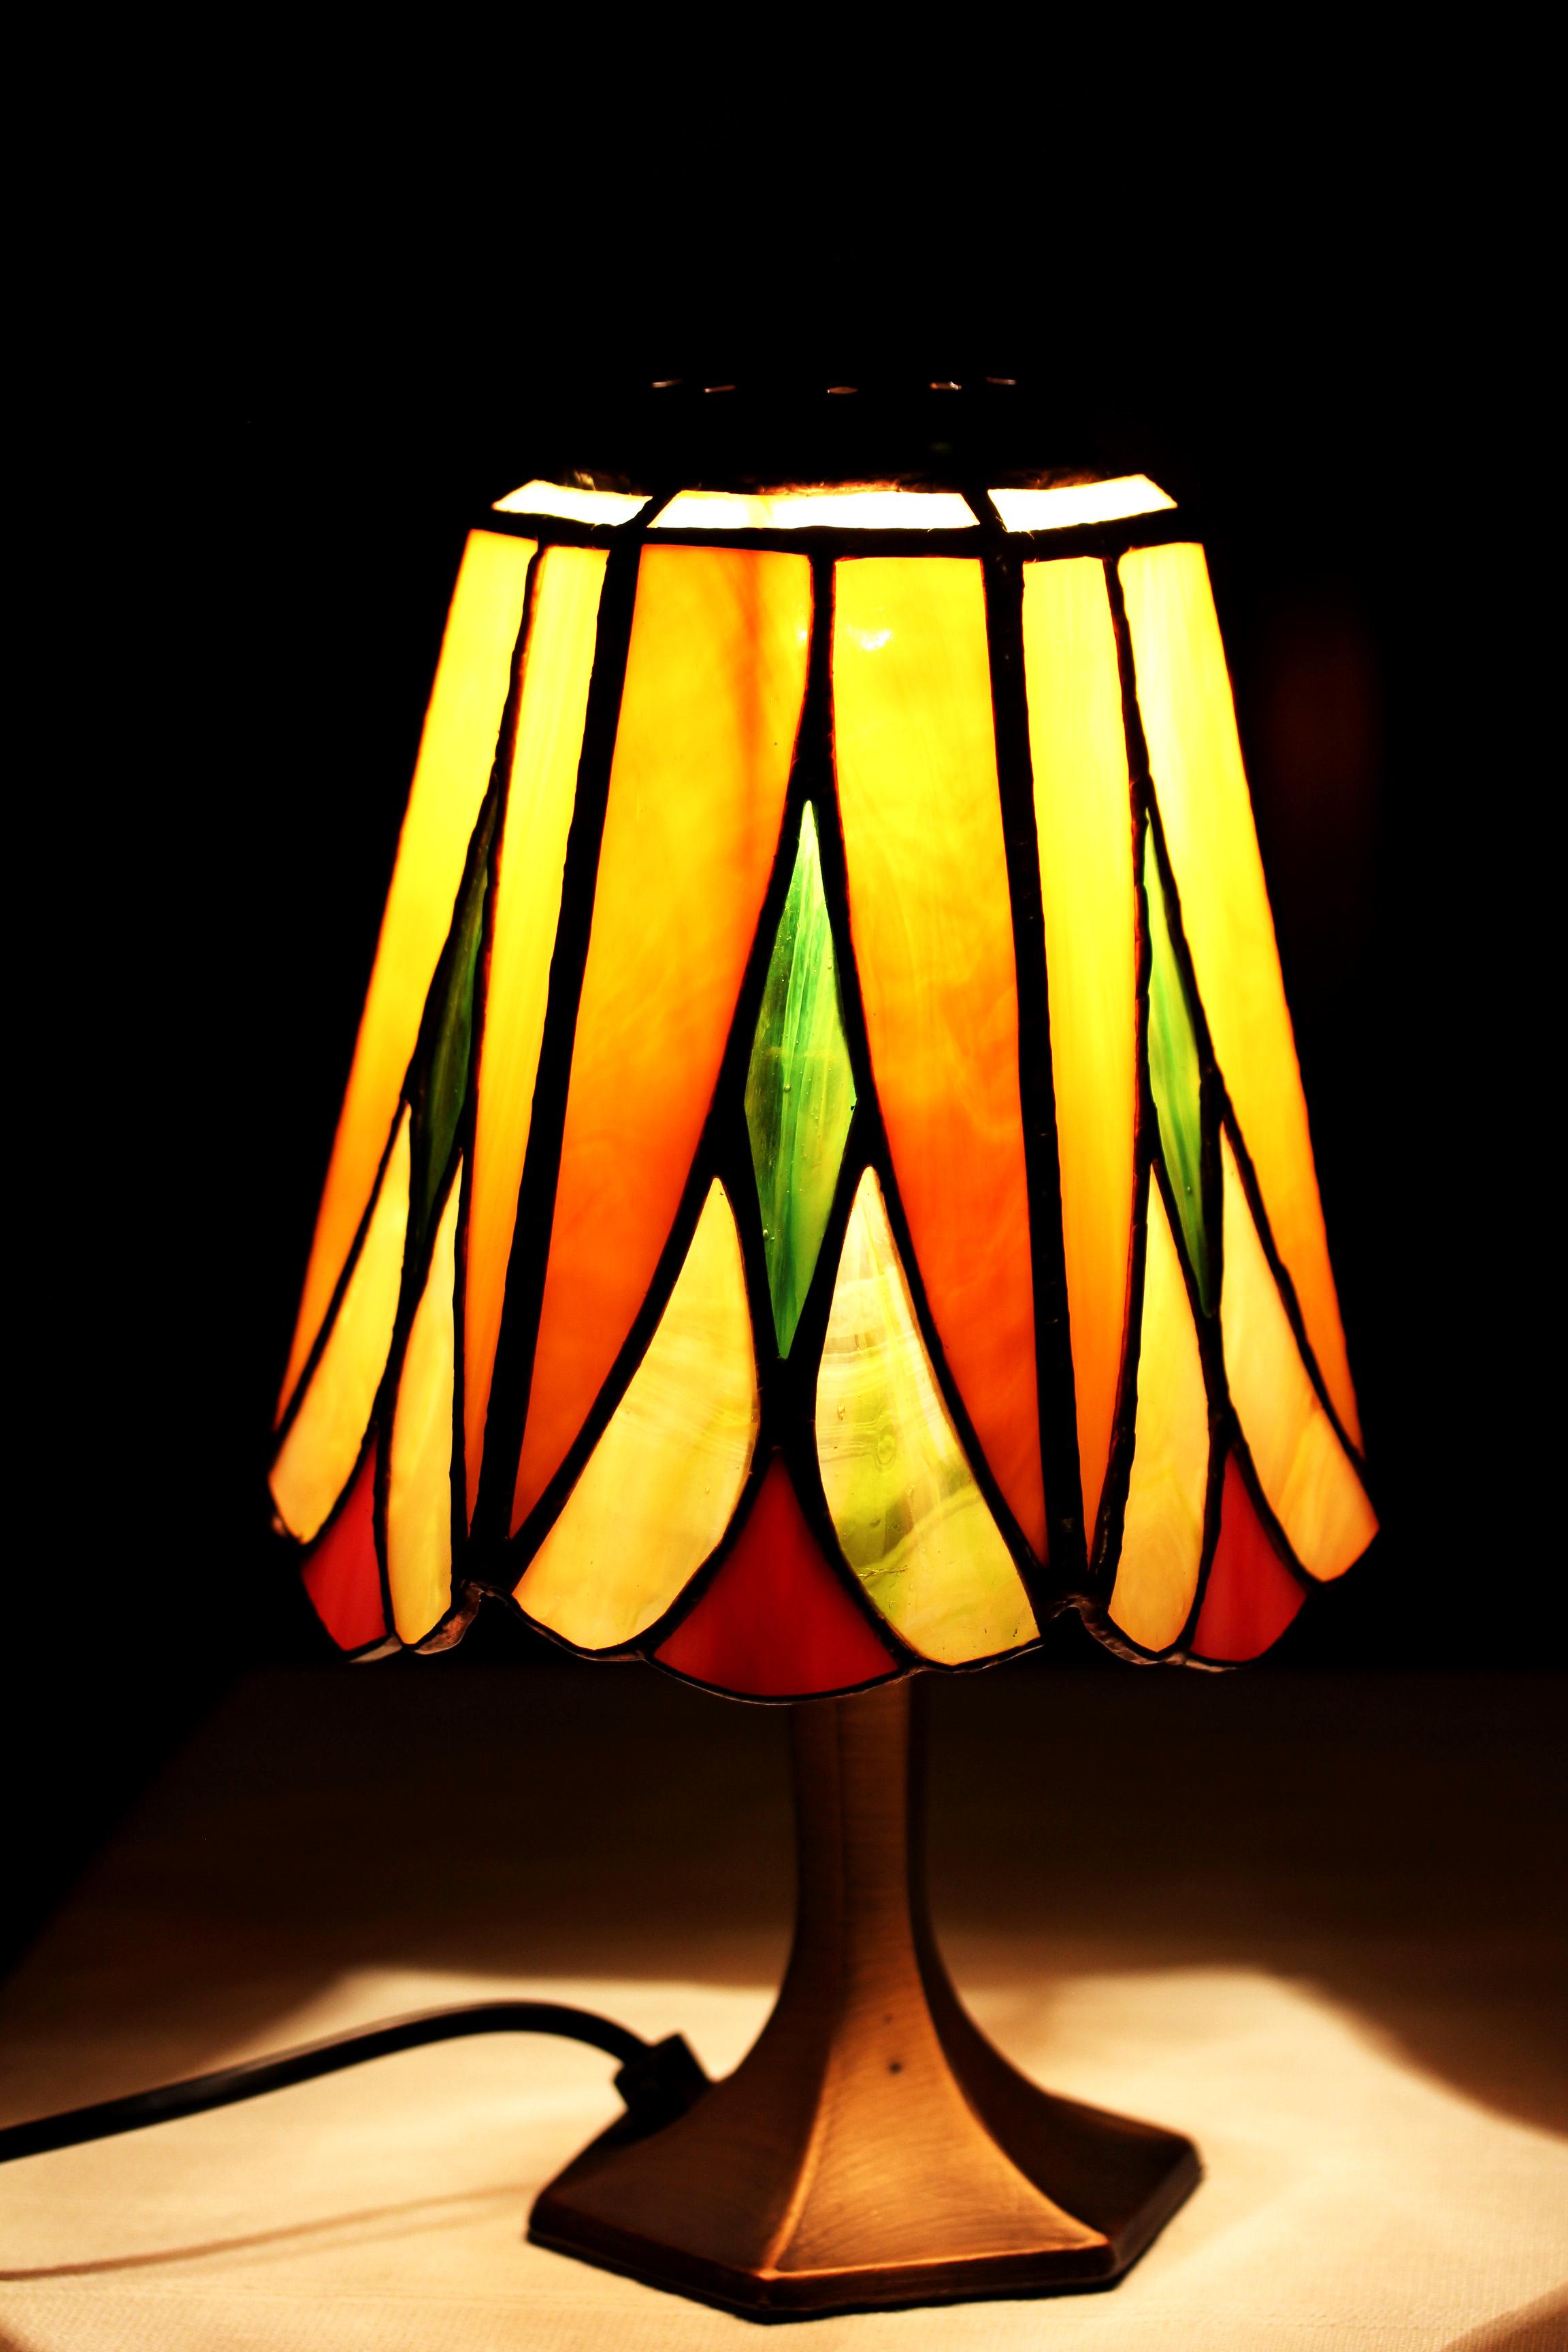 Asztali-tiffany-lampa-viragos-3